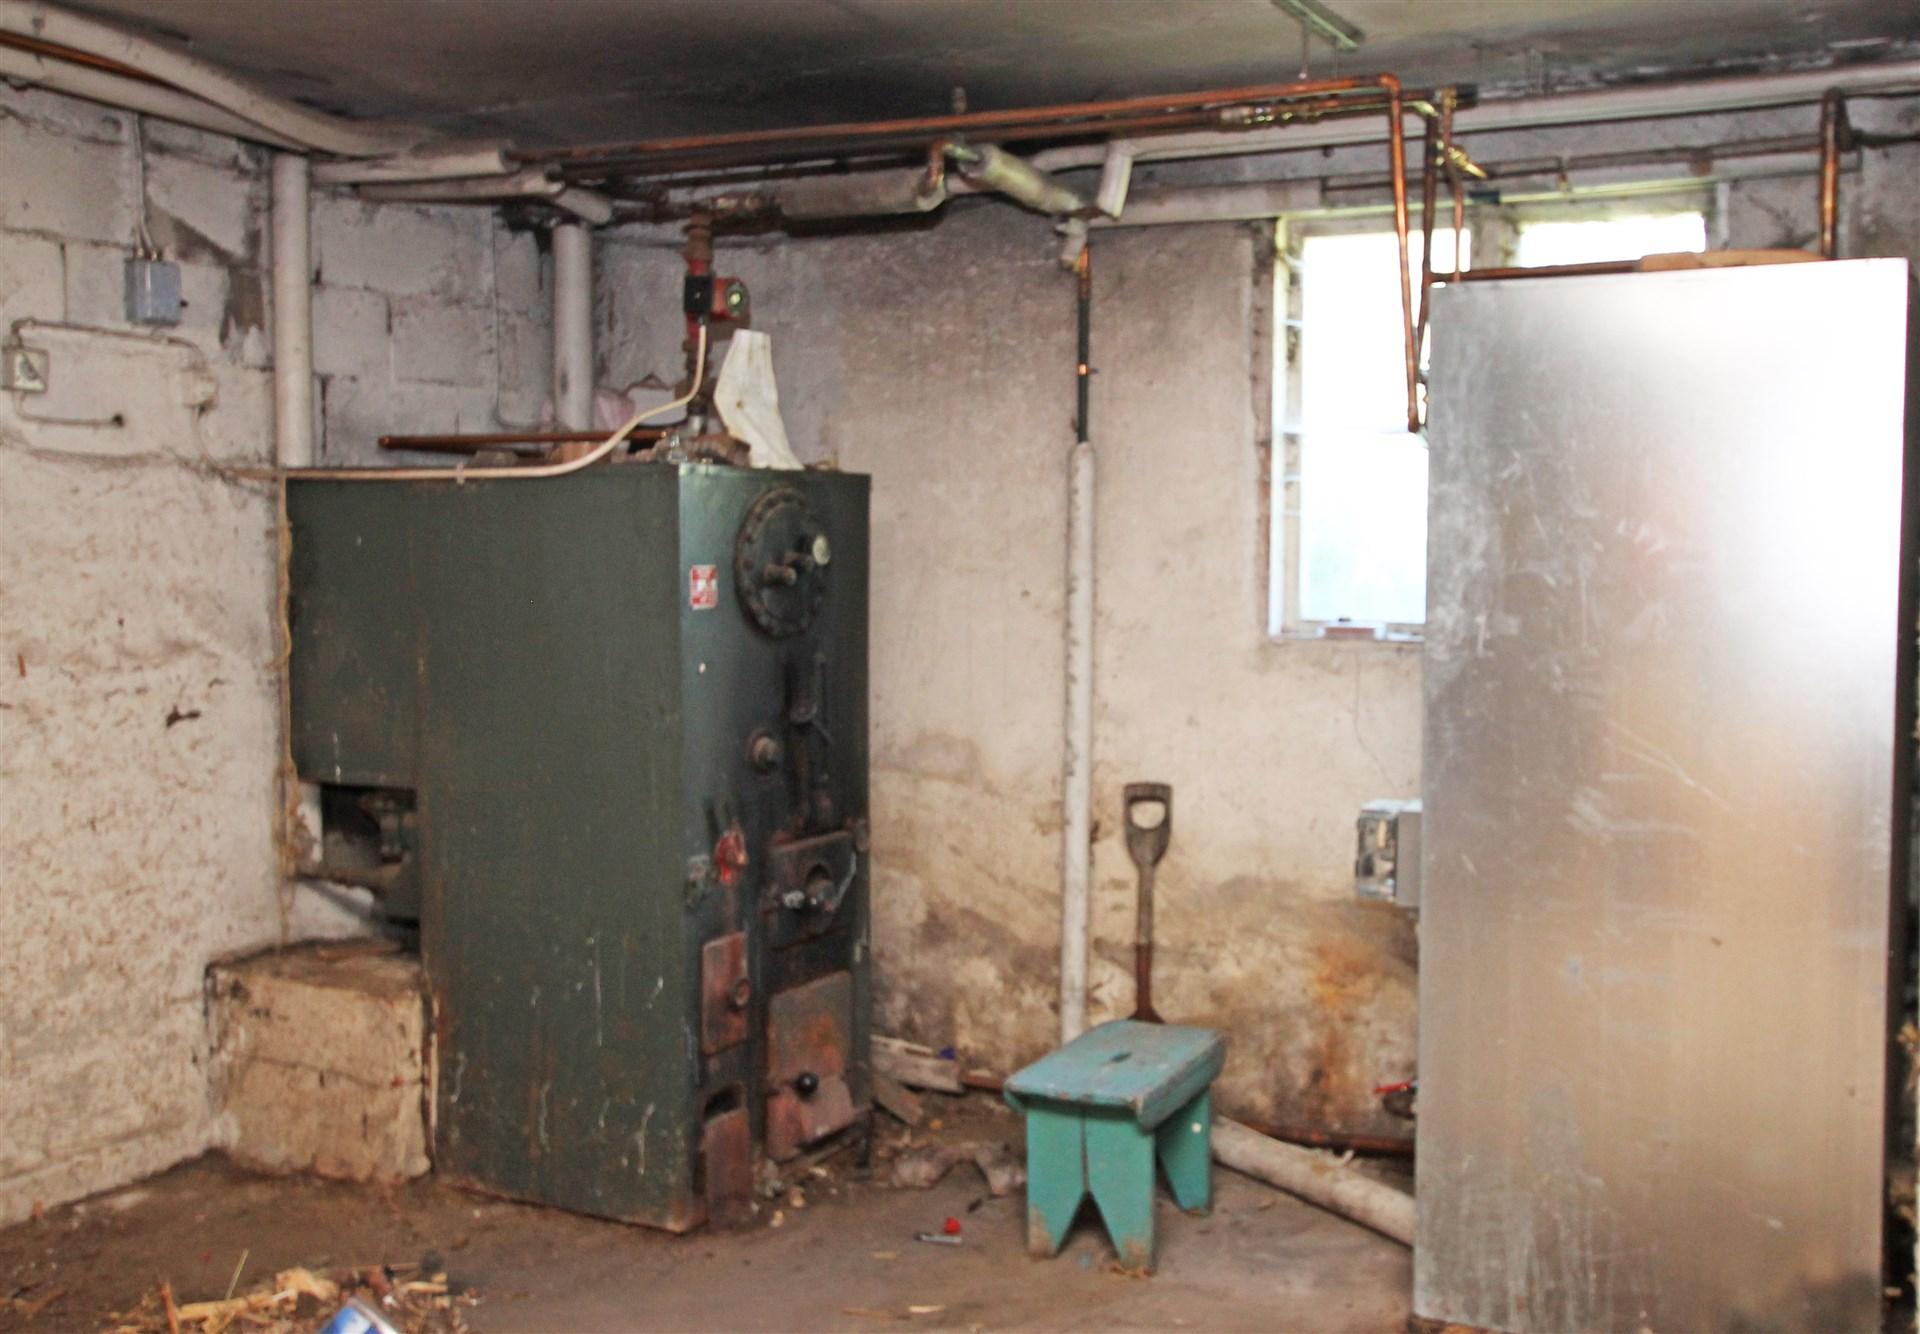 Pannrum med vedpanna och ackumulatortank